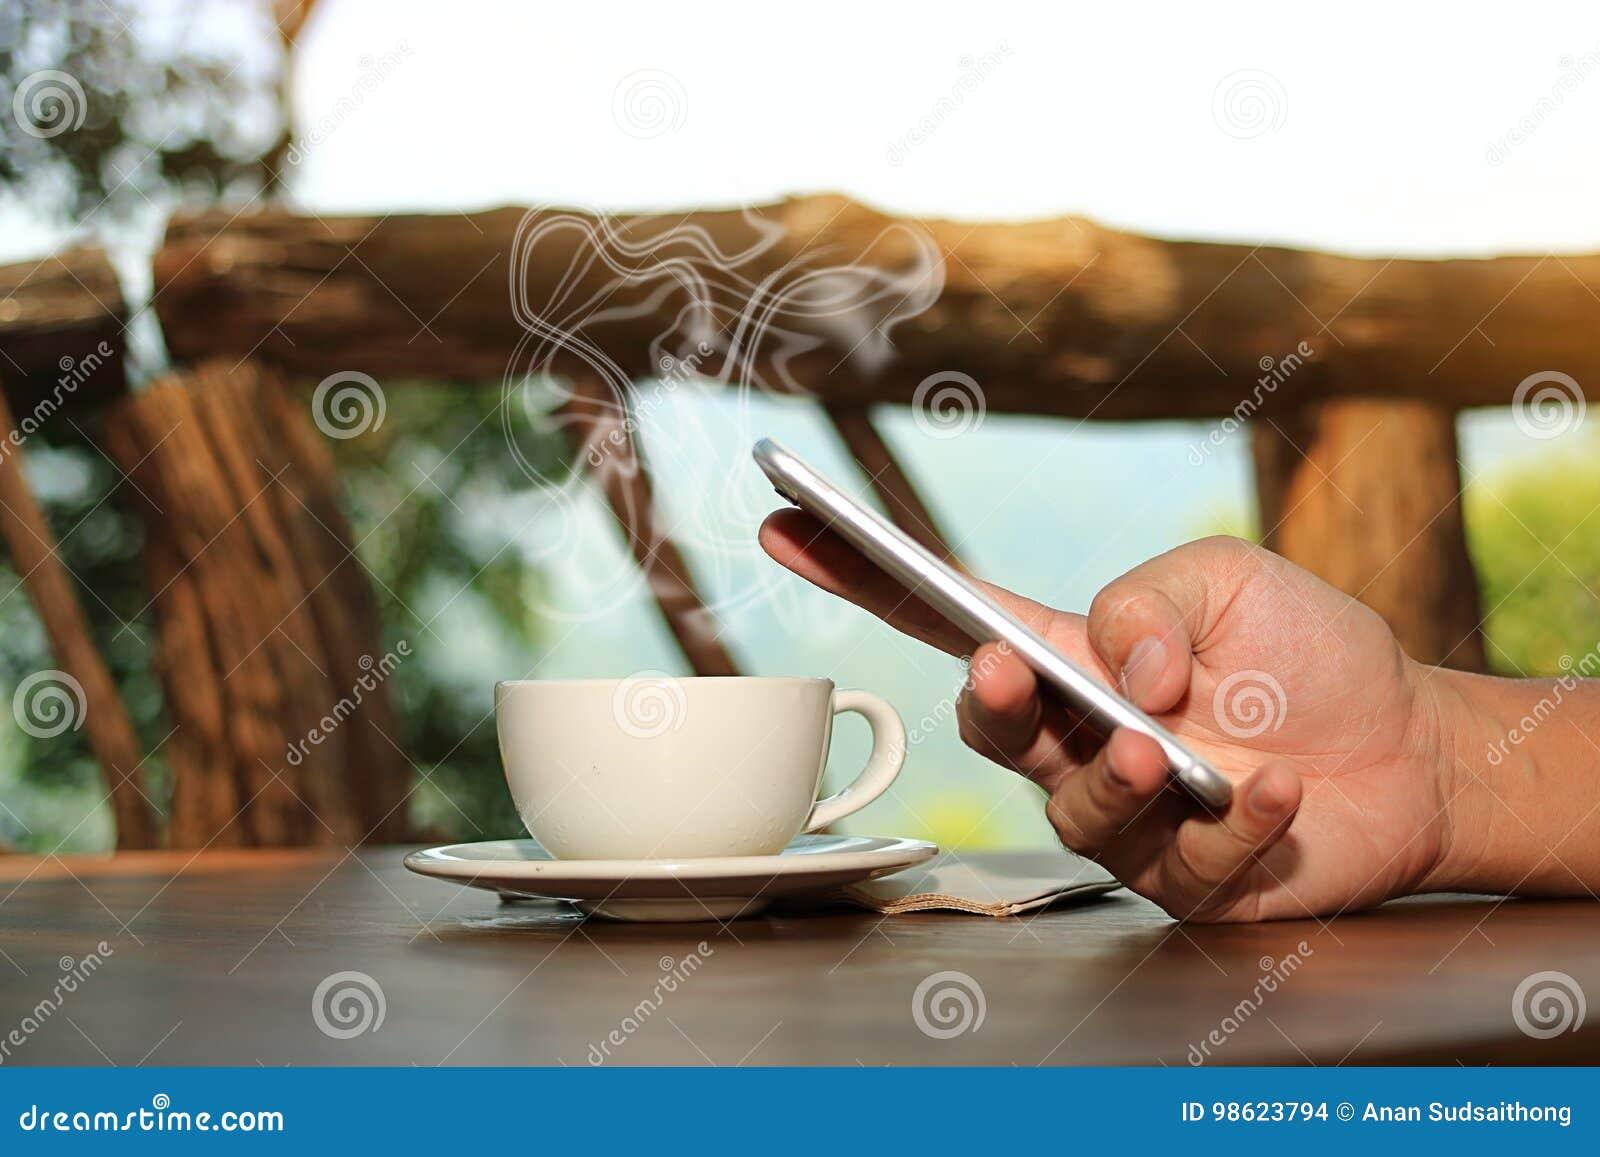 Chiuda sulla tazza di caffè con le mani del telefono cellulare della tenuta del giovane nel fondo della natura Fuoco selettivo e